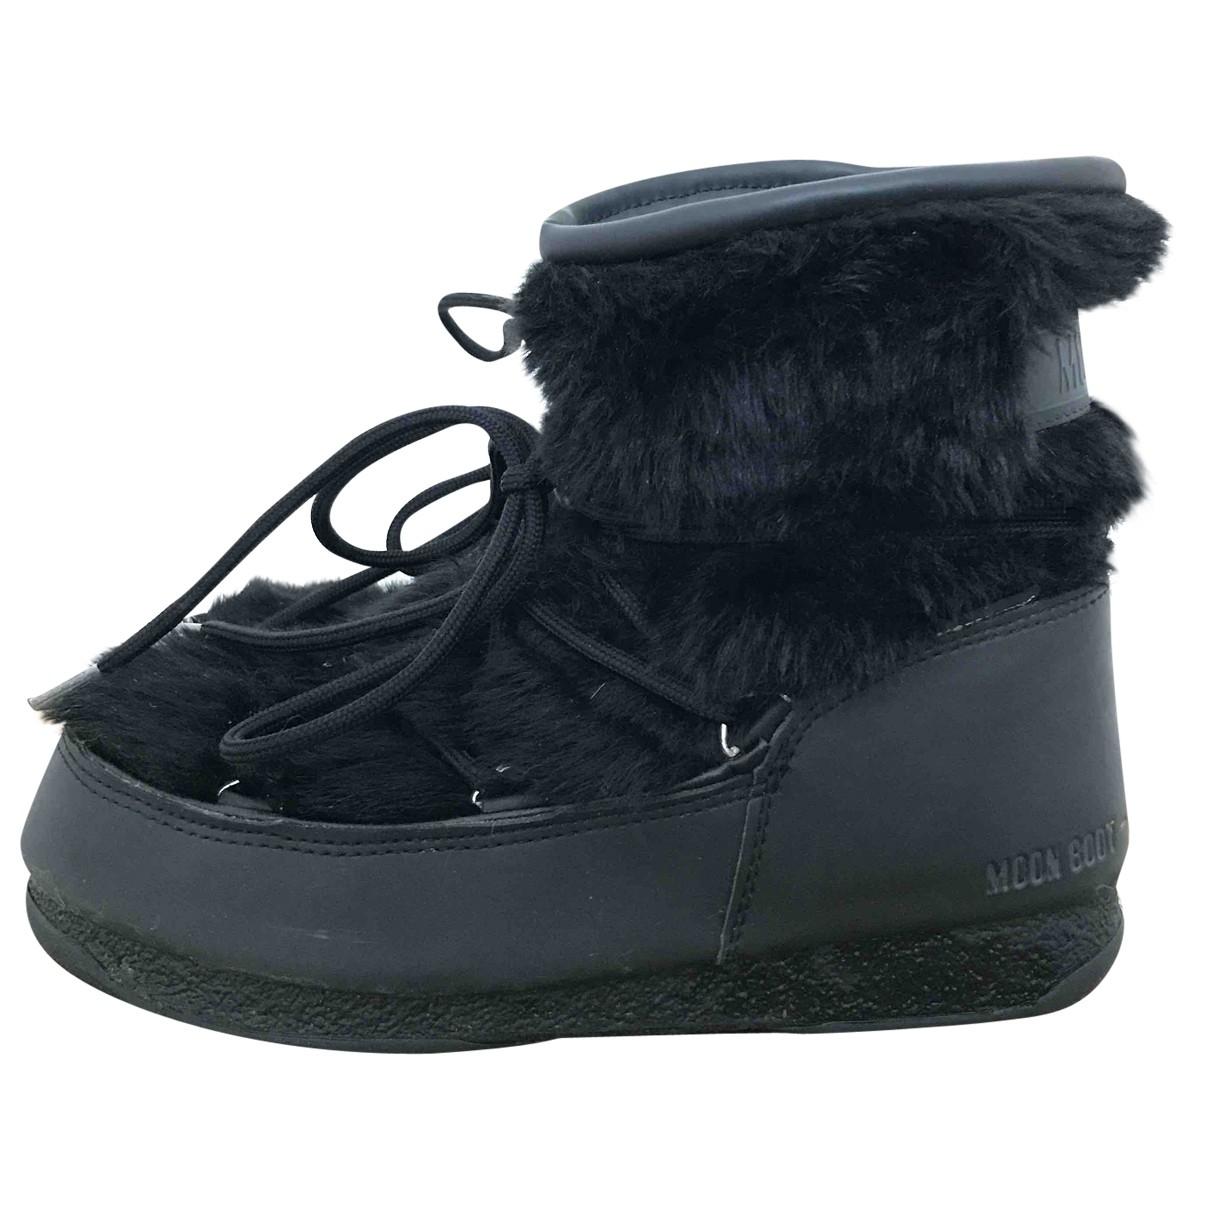 Moon Boot - Bottes   pour femme en fourrure synthetique - noir